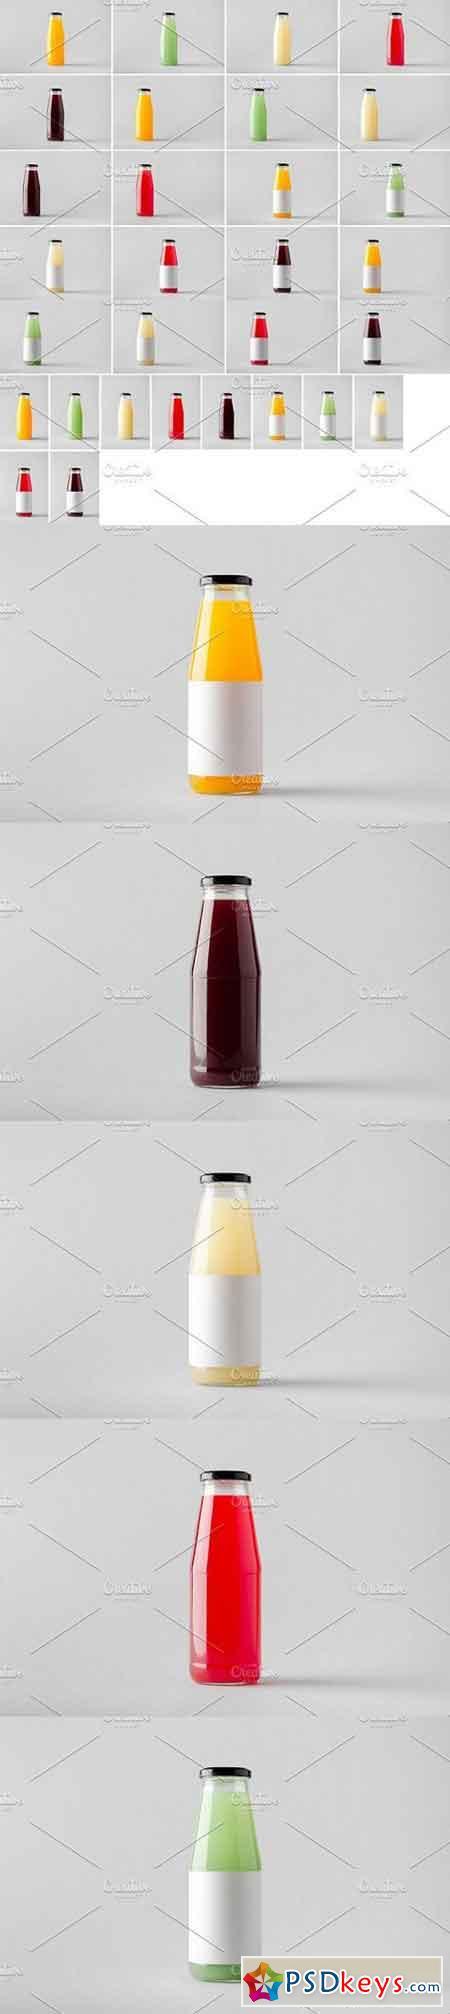 Juice Bottle Mock-Up Photo Bundle 1328931